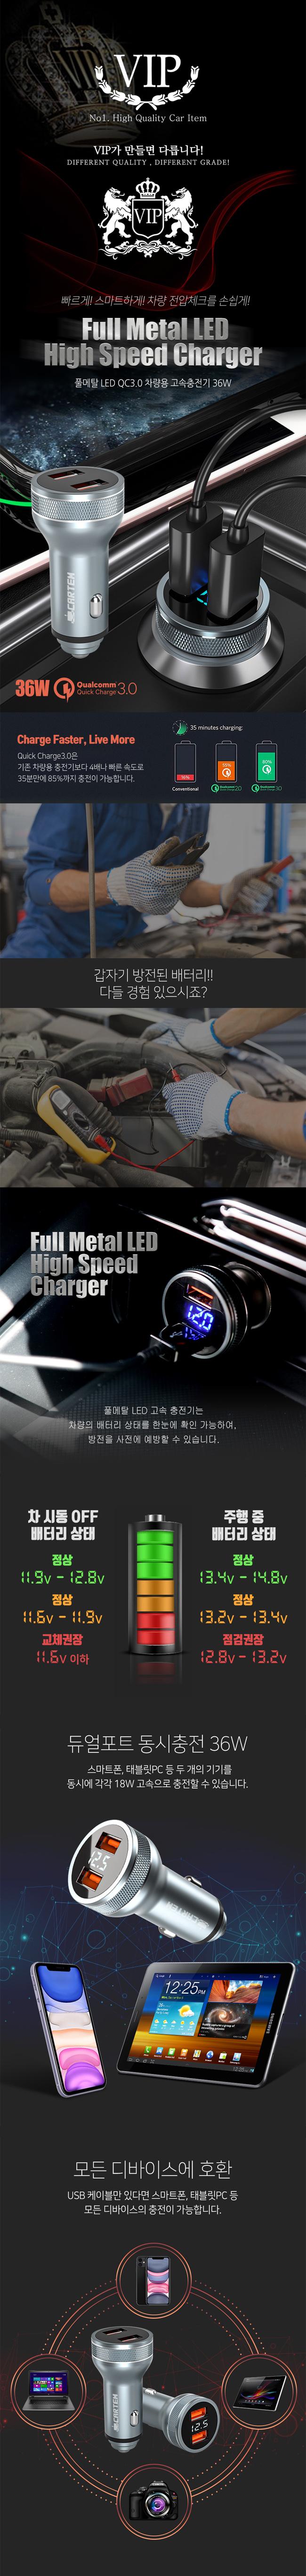 VIP 퀄컴칩셋3.0 차량용 듀얼USB 전압표시 풀메탈 초고속충전기(12~24V) 36w/ 배터리 전압체크,시거소켓용 휴대폰충전잭